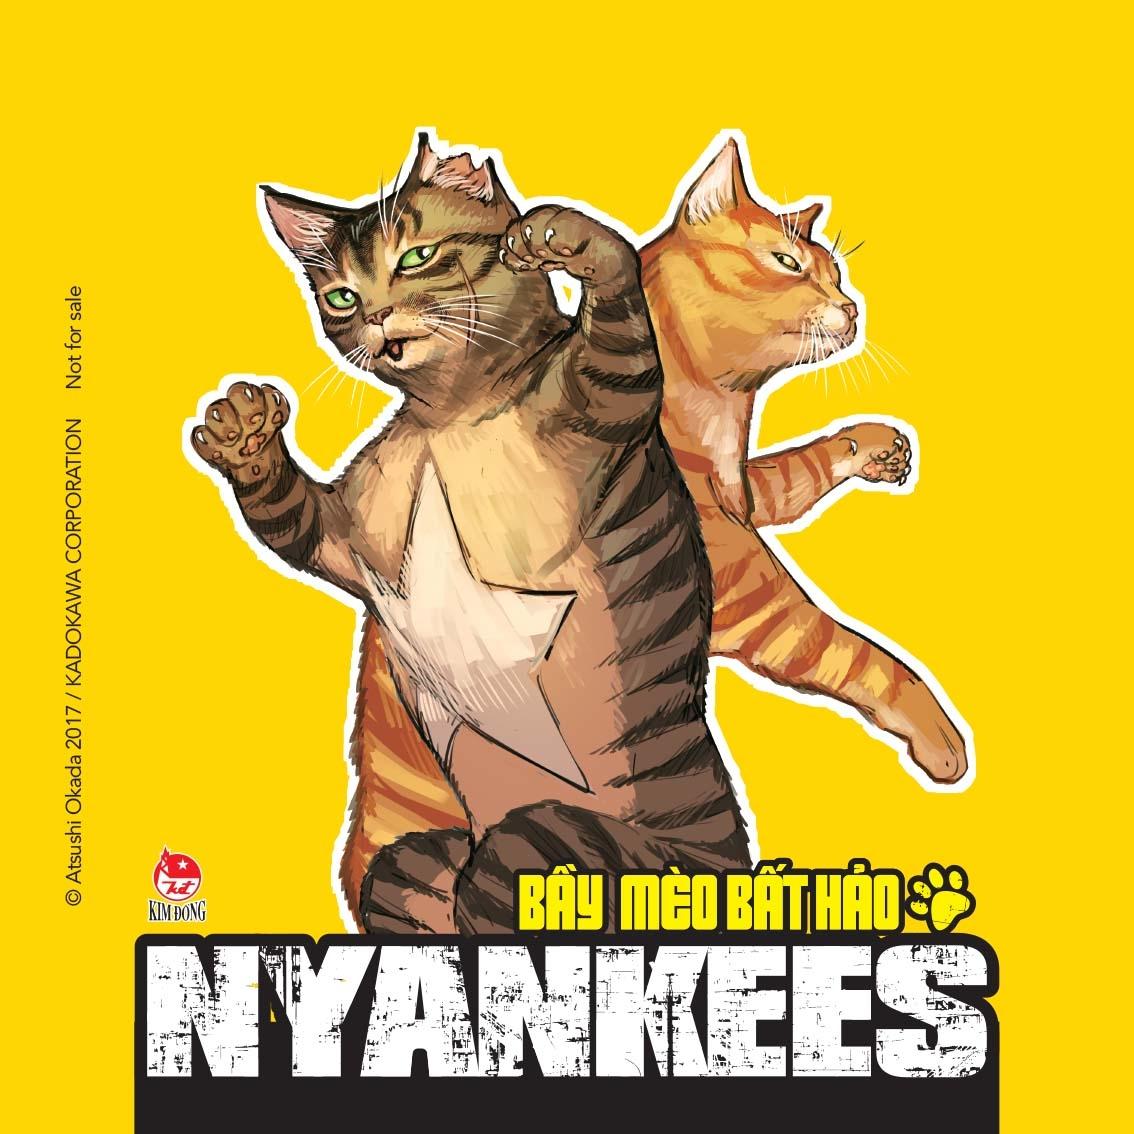 Nyankees - Bầy Mèo Bất Hảo - Tập 2 - Tặng Kèm Lót Ly